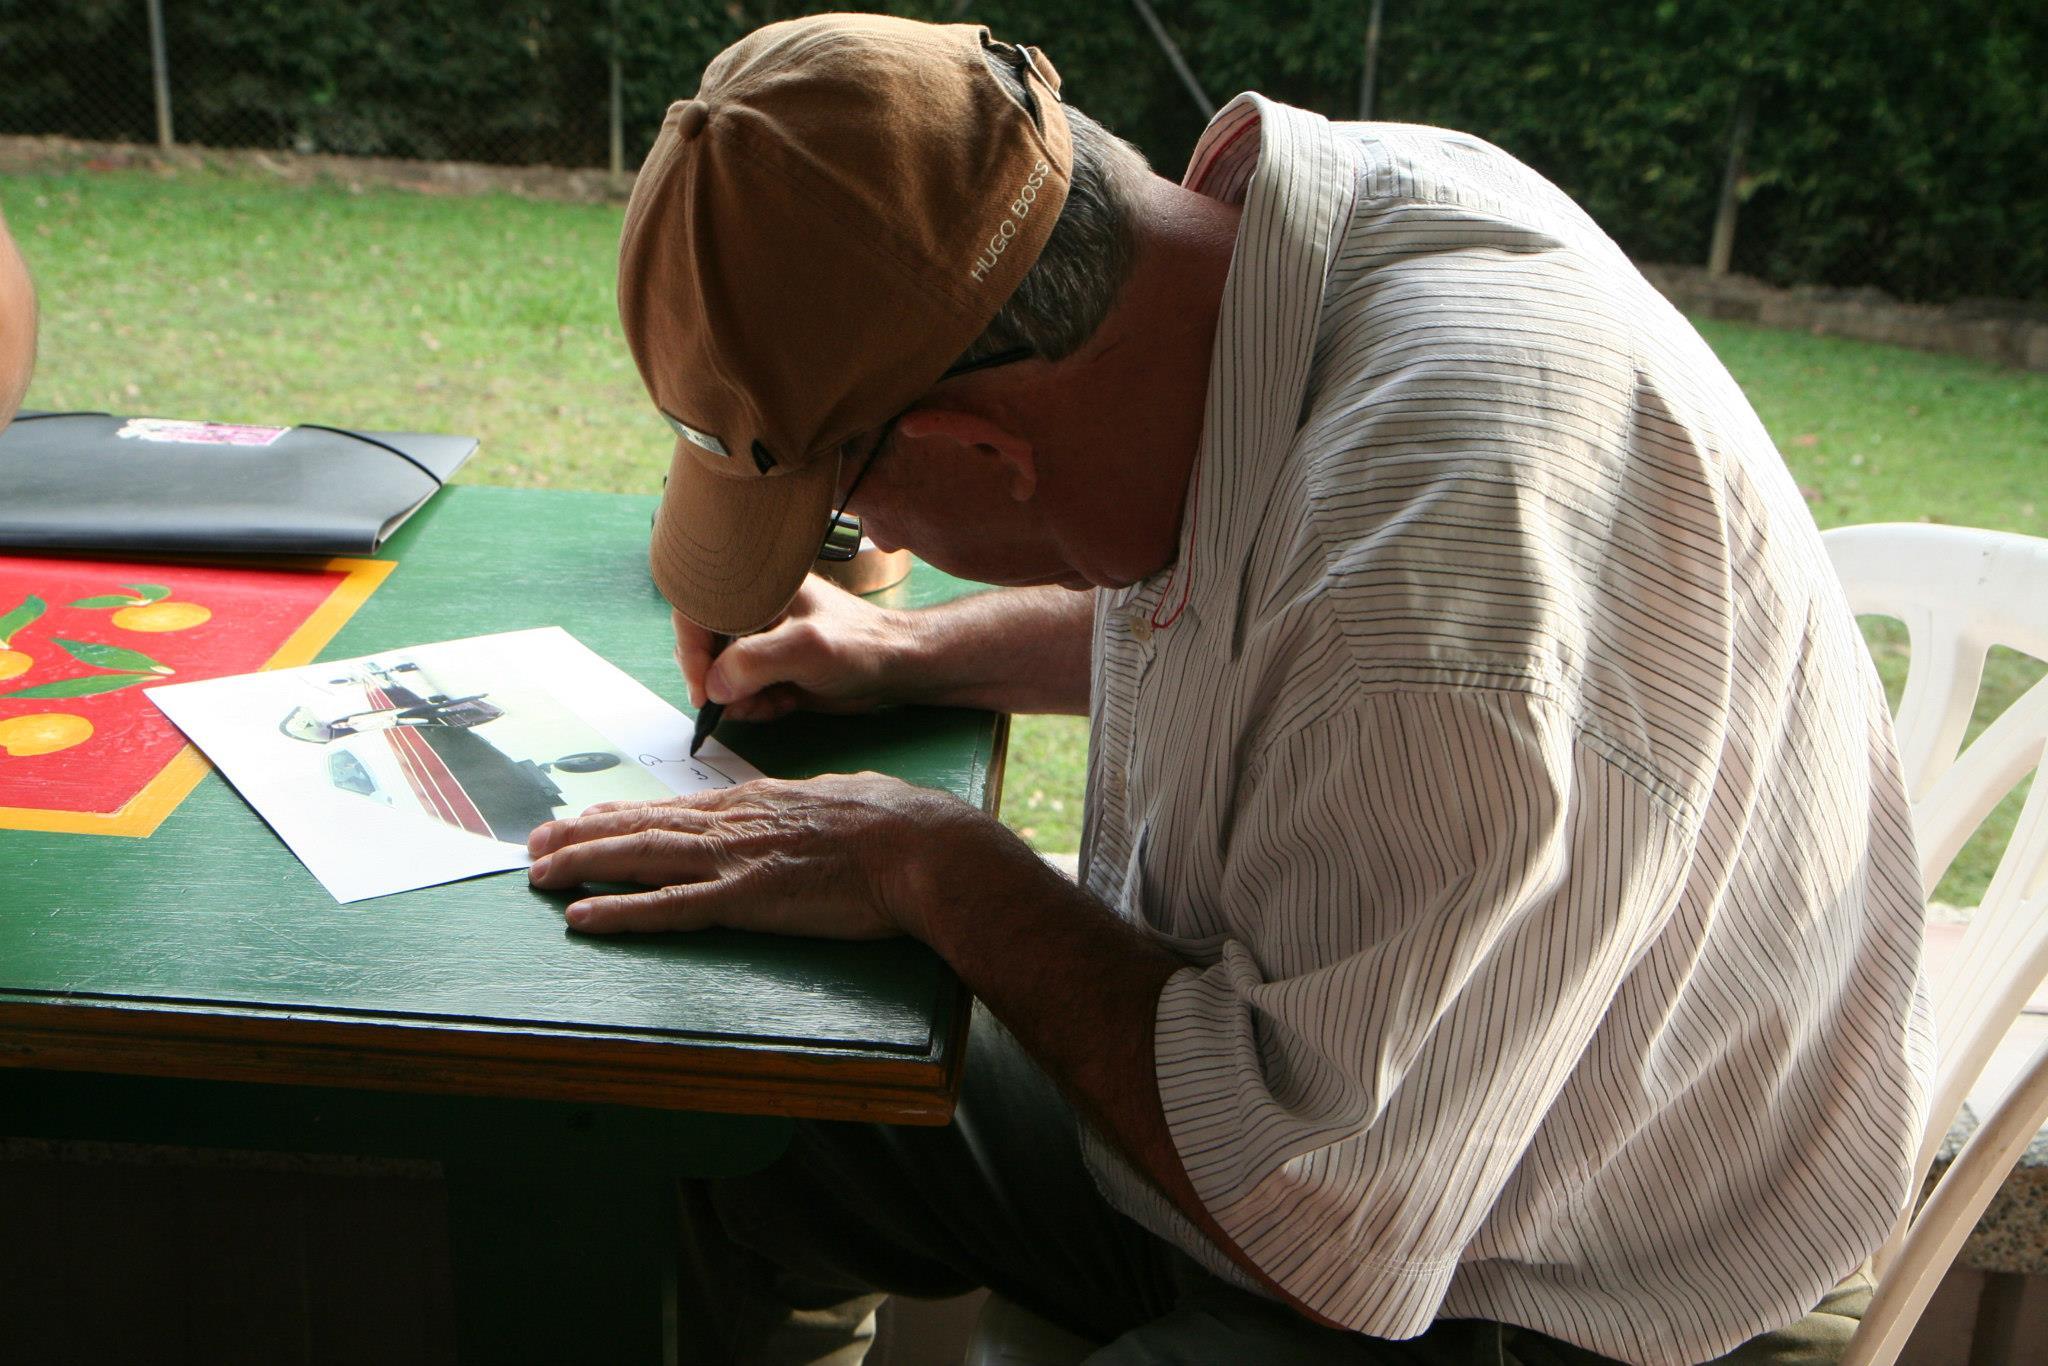 Roberto Escobar, de broer van wijlen coke-handelaar Pablo Escobar, signeert een foto voor ons